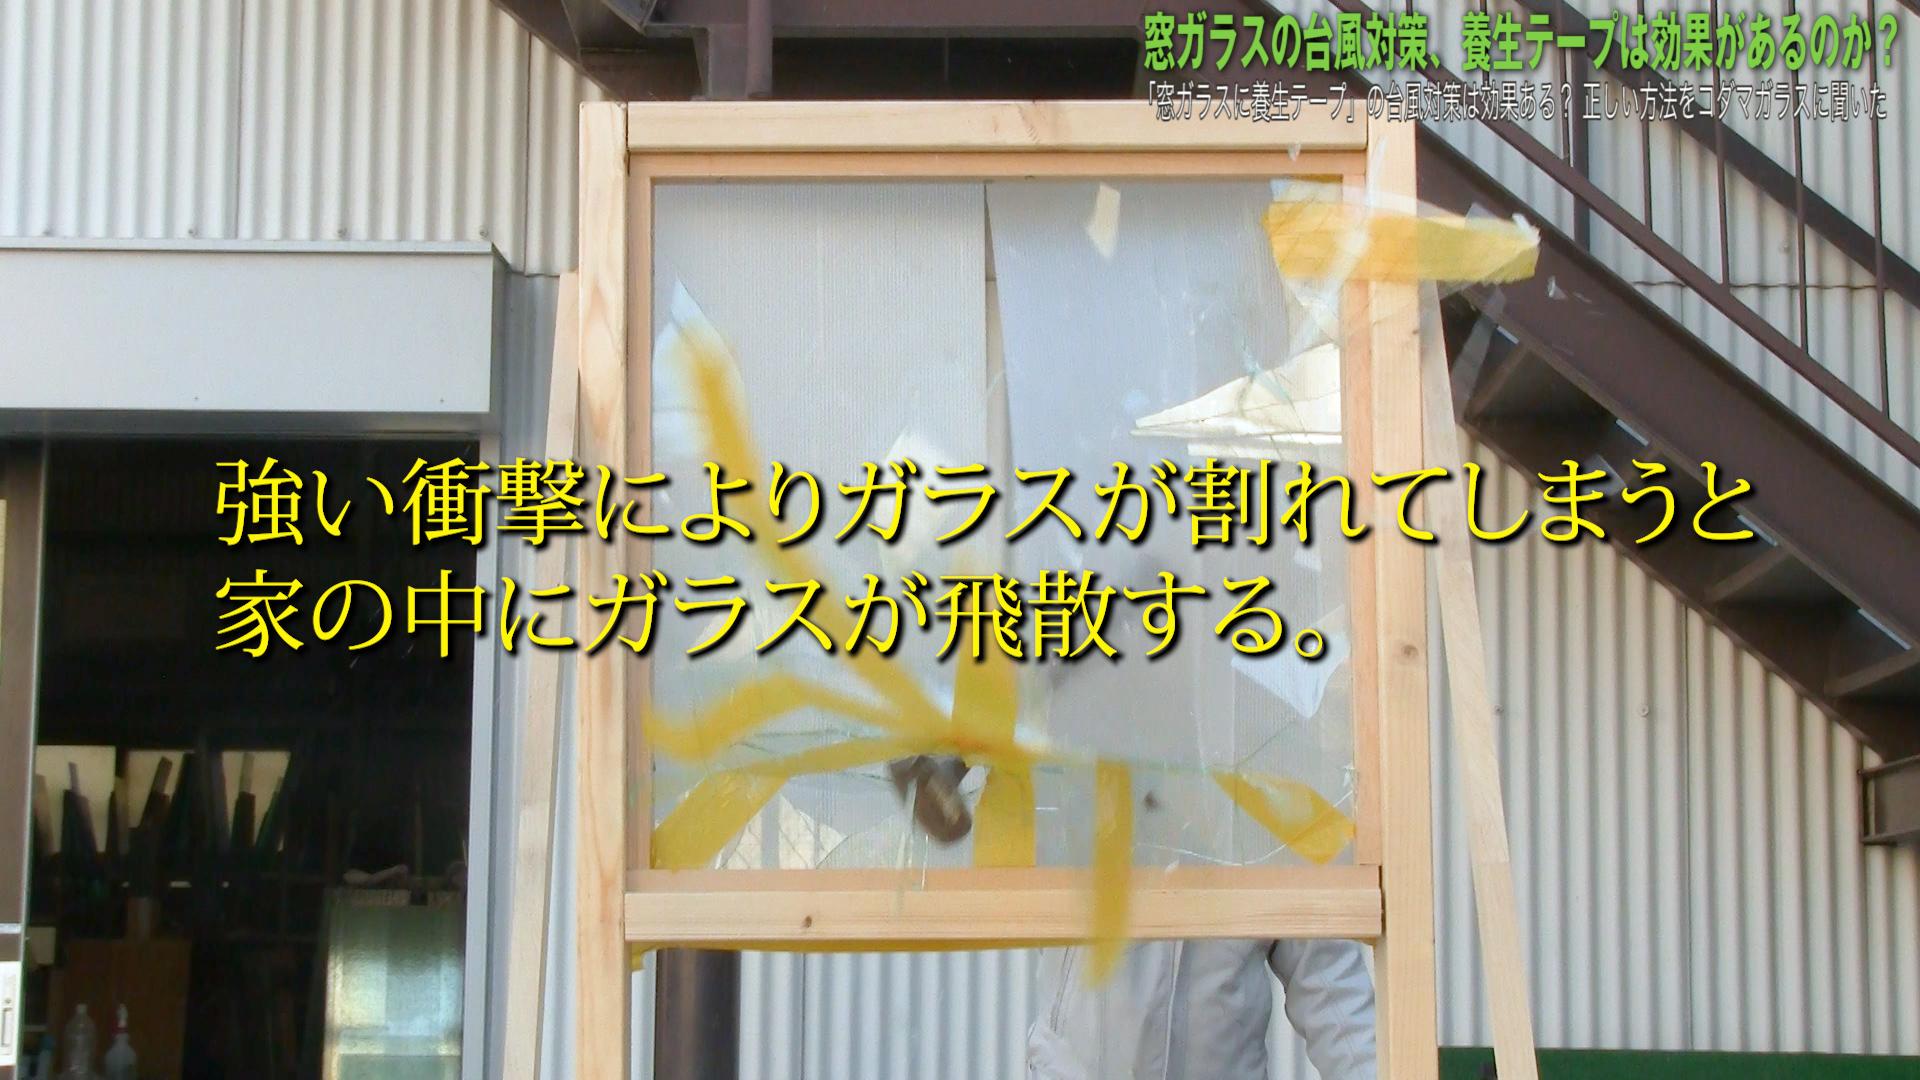 ガムテープ 剥がし ガラス 方 窓